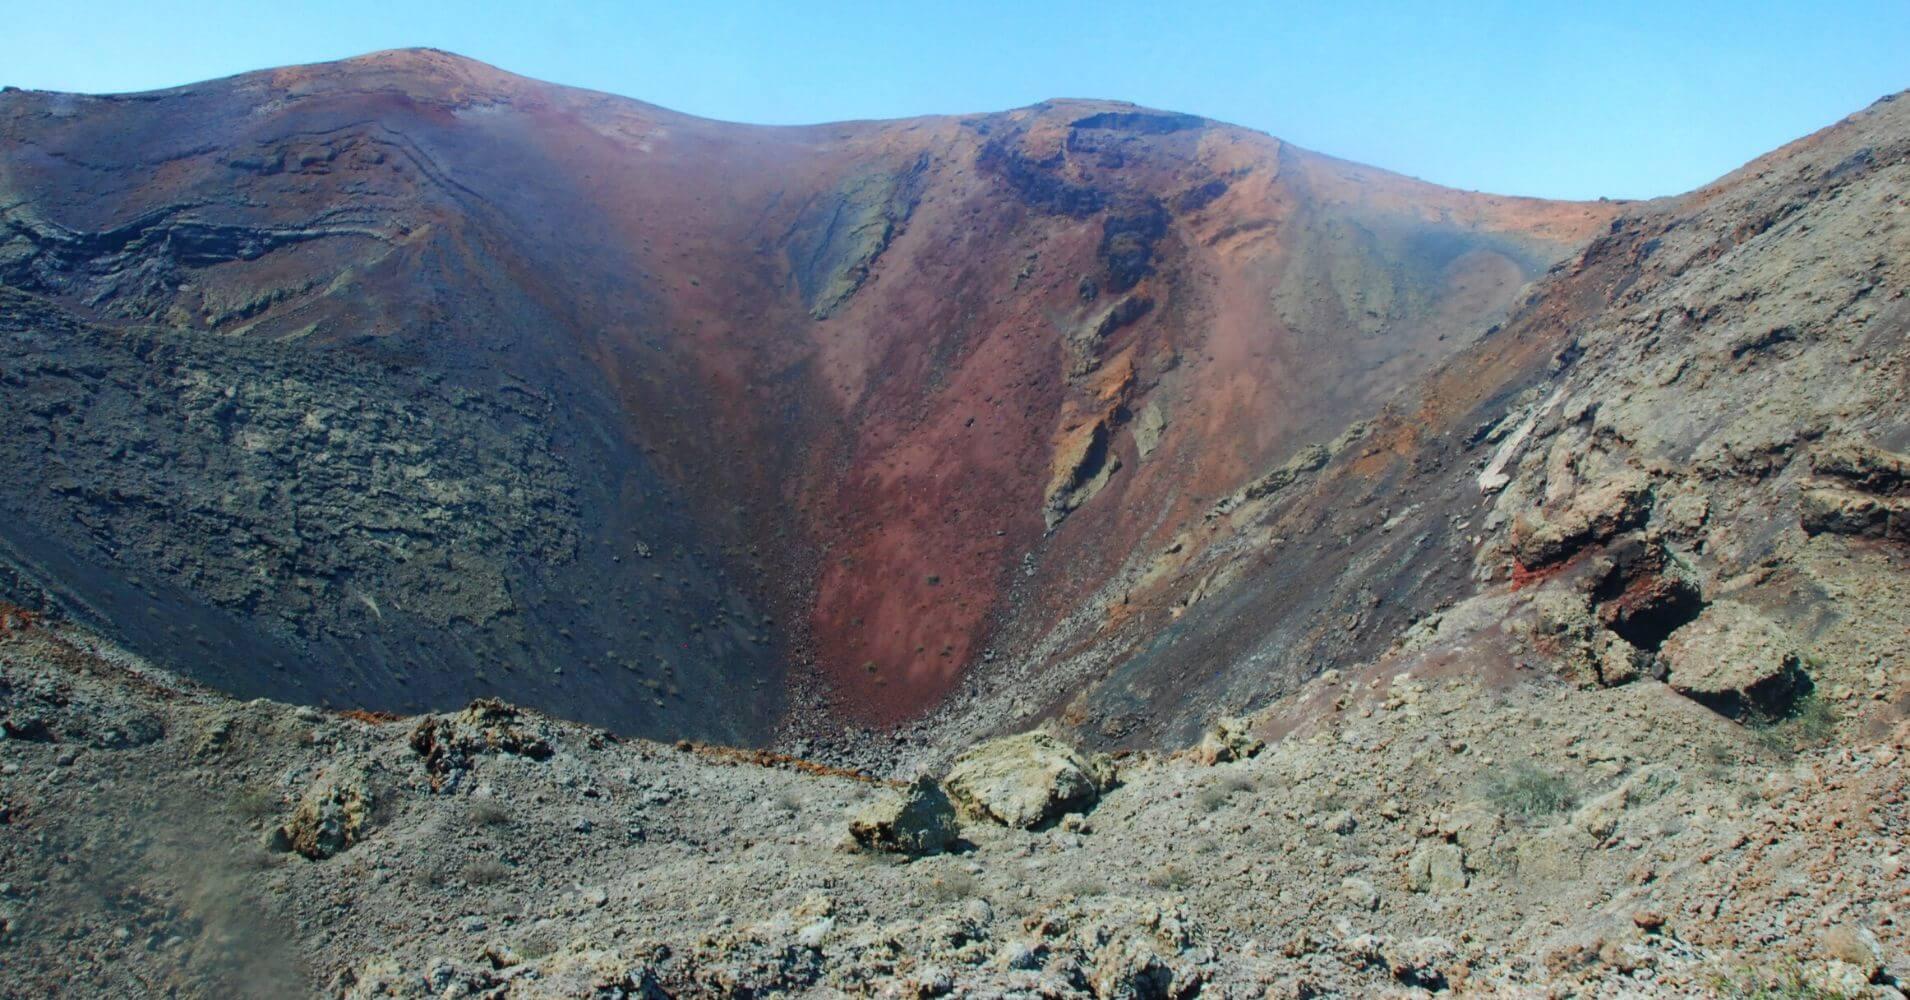 Cráter Volcán Parque Nacional de Timanfaya. Lanzarote, Islas Canarias.